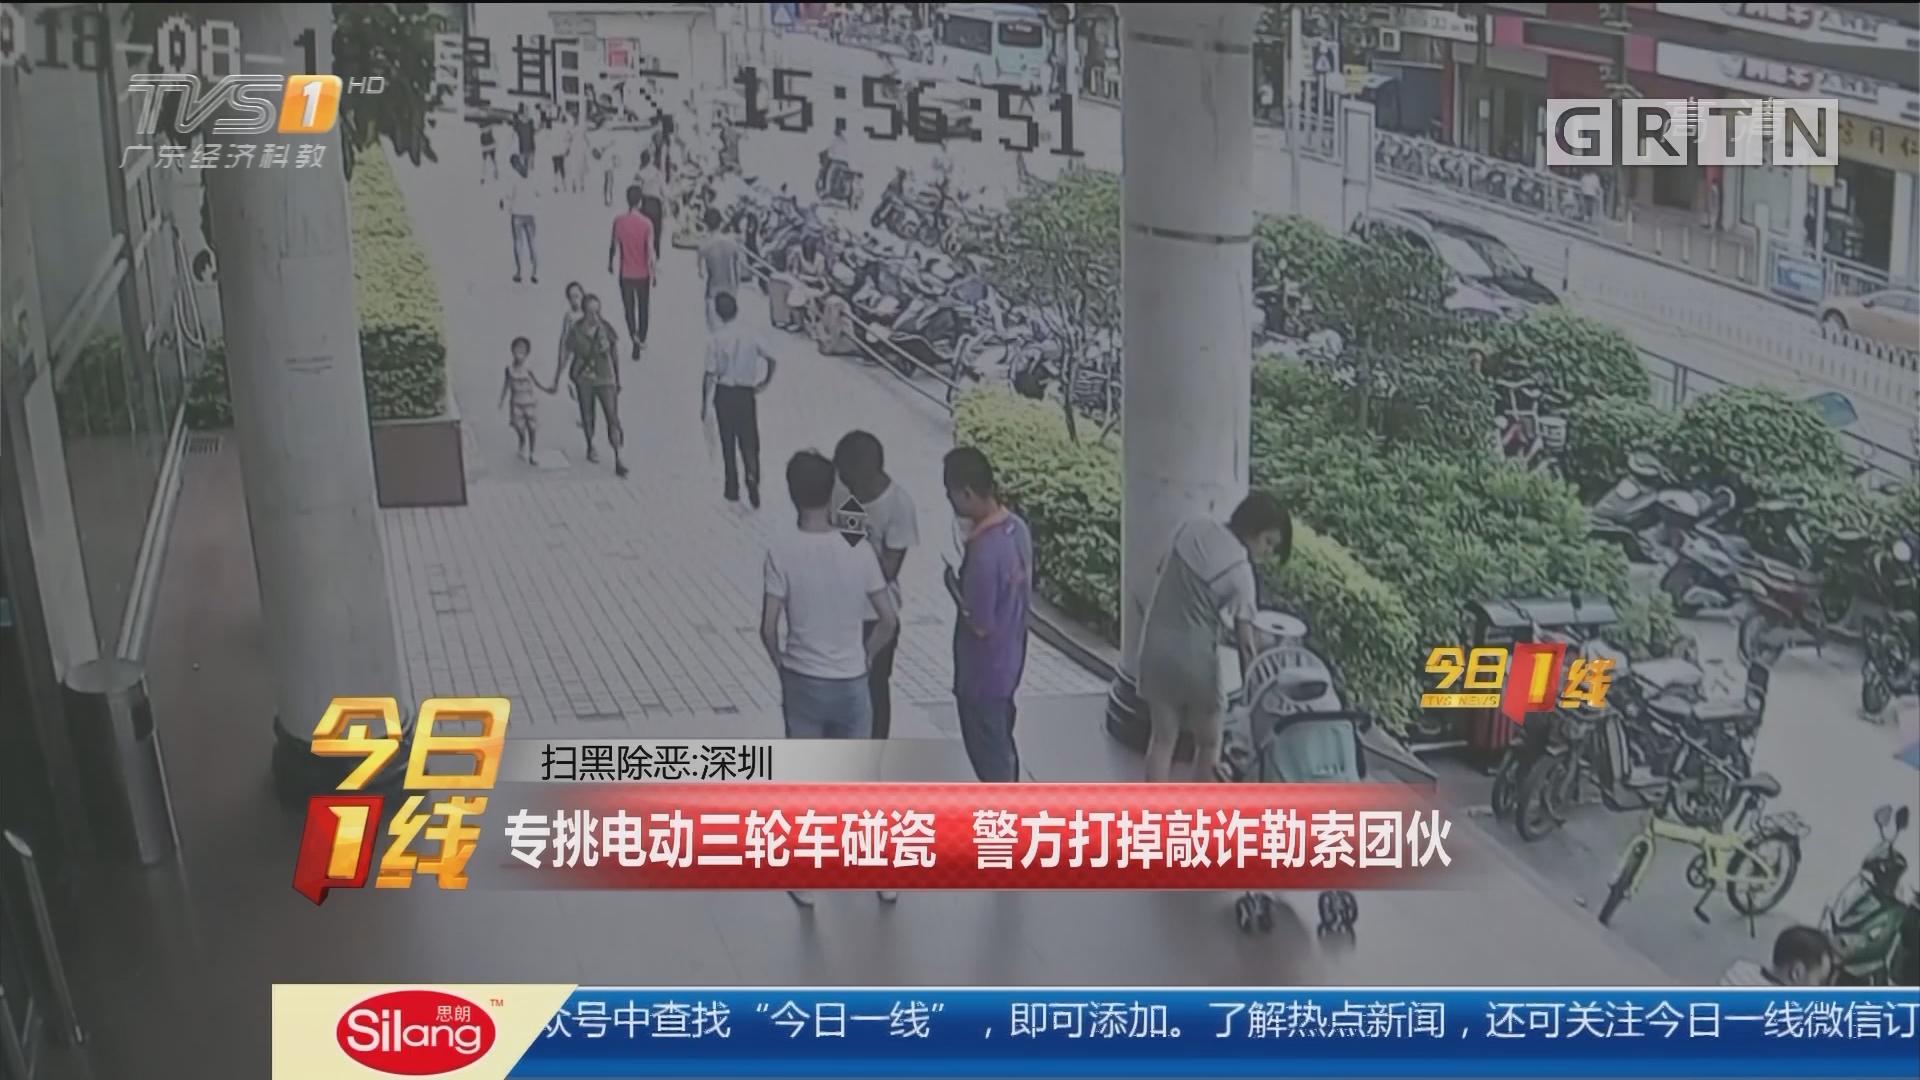 扫黑除恶:深圳 专挑电动三轮车碰瓷 警方打掉敲诈勒索团伙